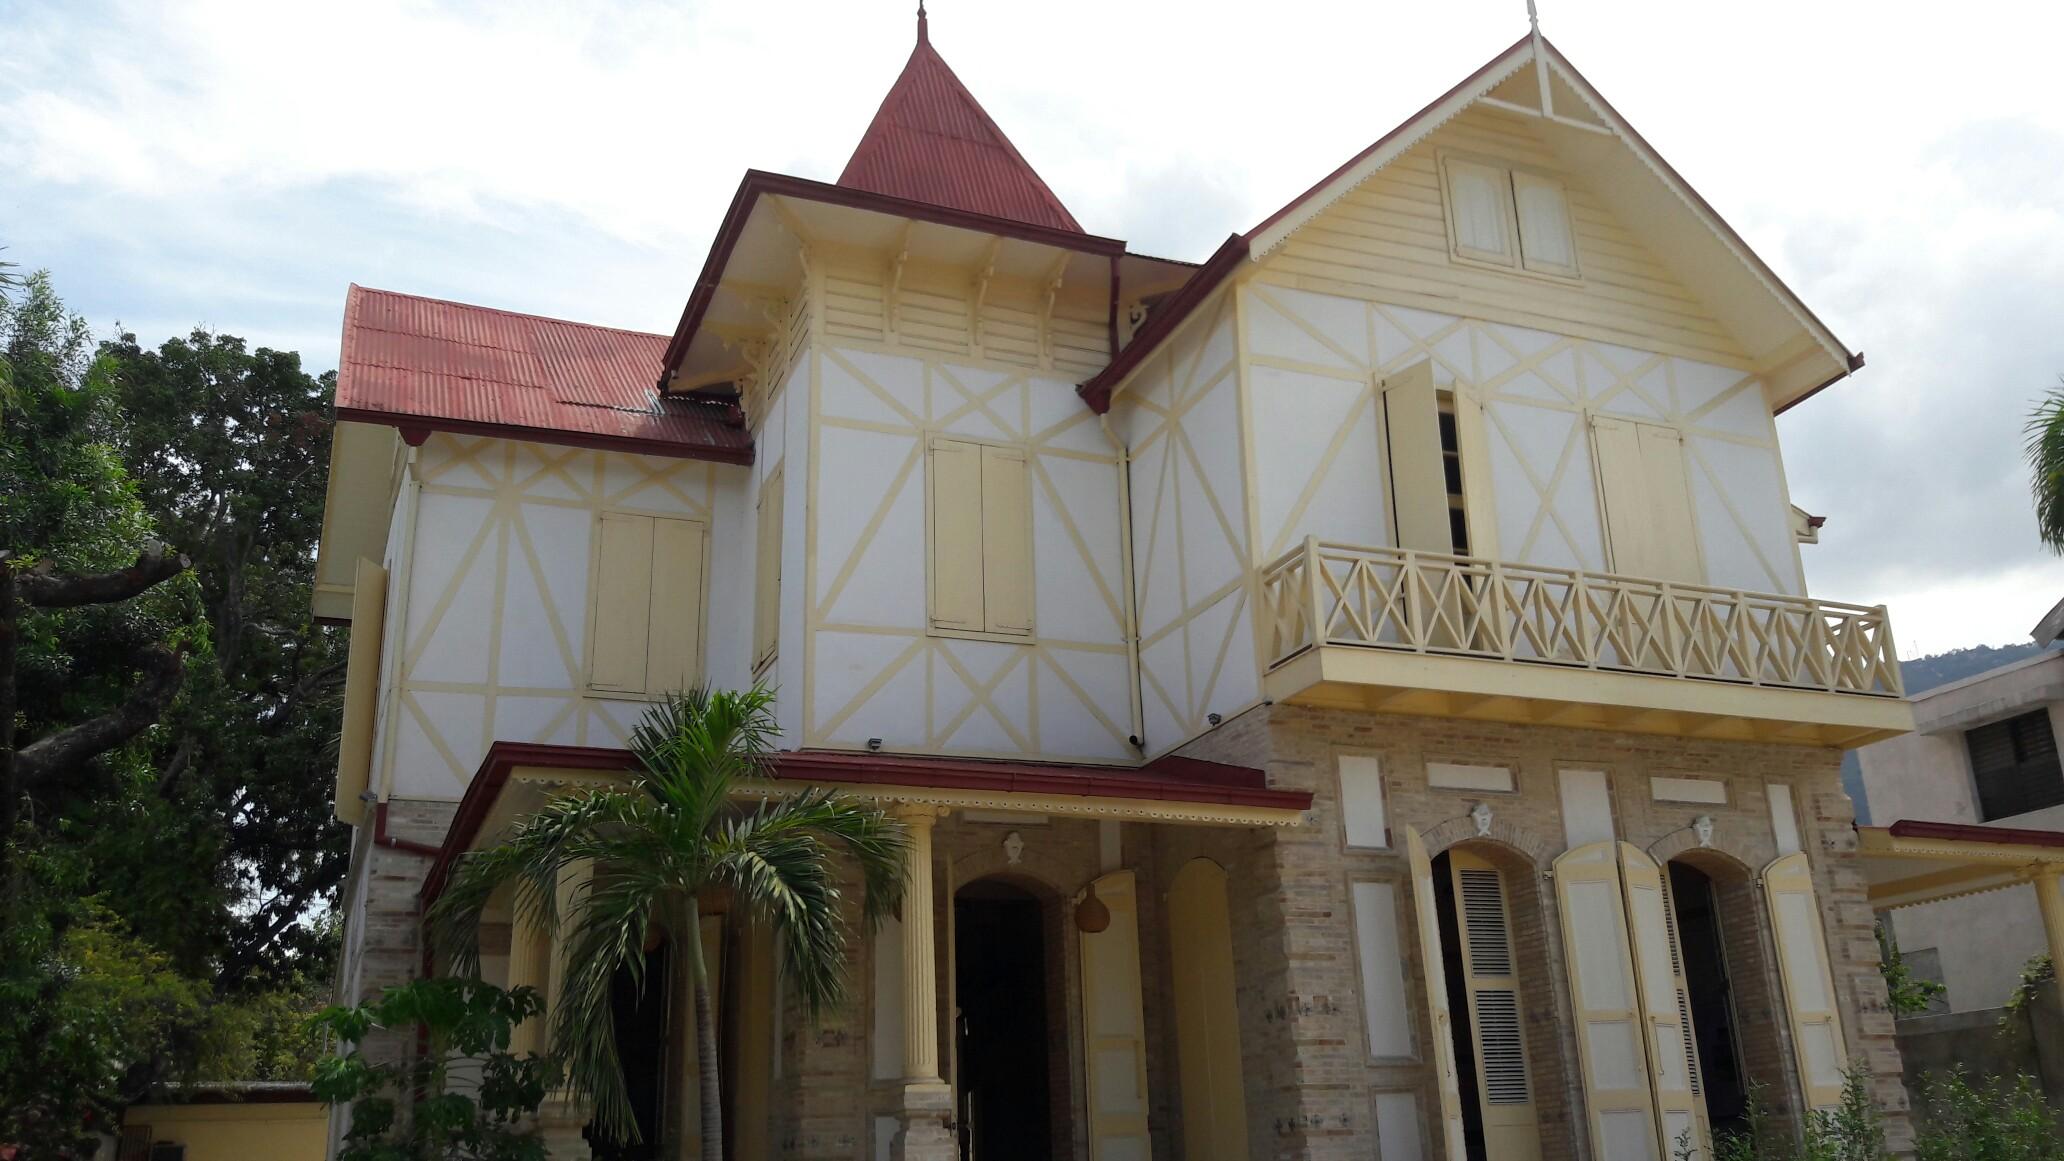 La Maison Duffort de style Gingerbread, restaurée par la Fokal en 2012 et inaugurée en mars 2016./Photo: Travel Notes.